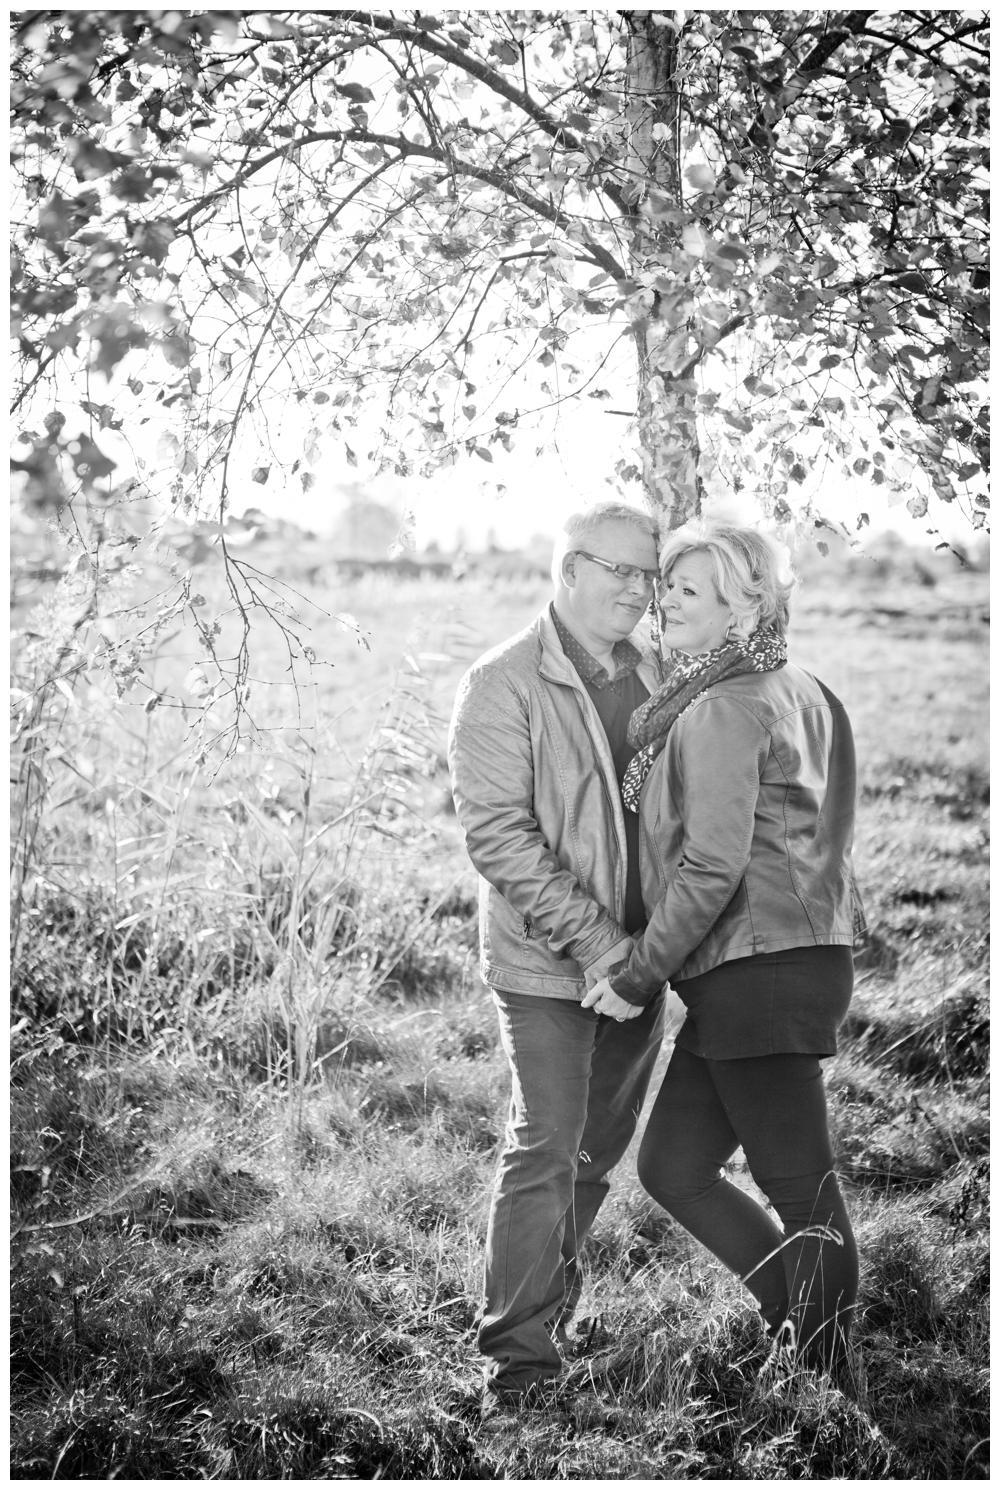 Loveshoot Freek&Liesbeth - Debora Yari Fotografie092